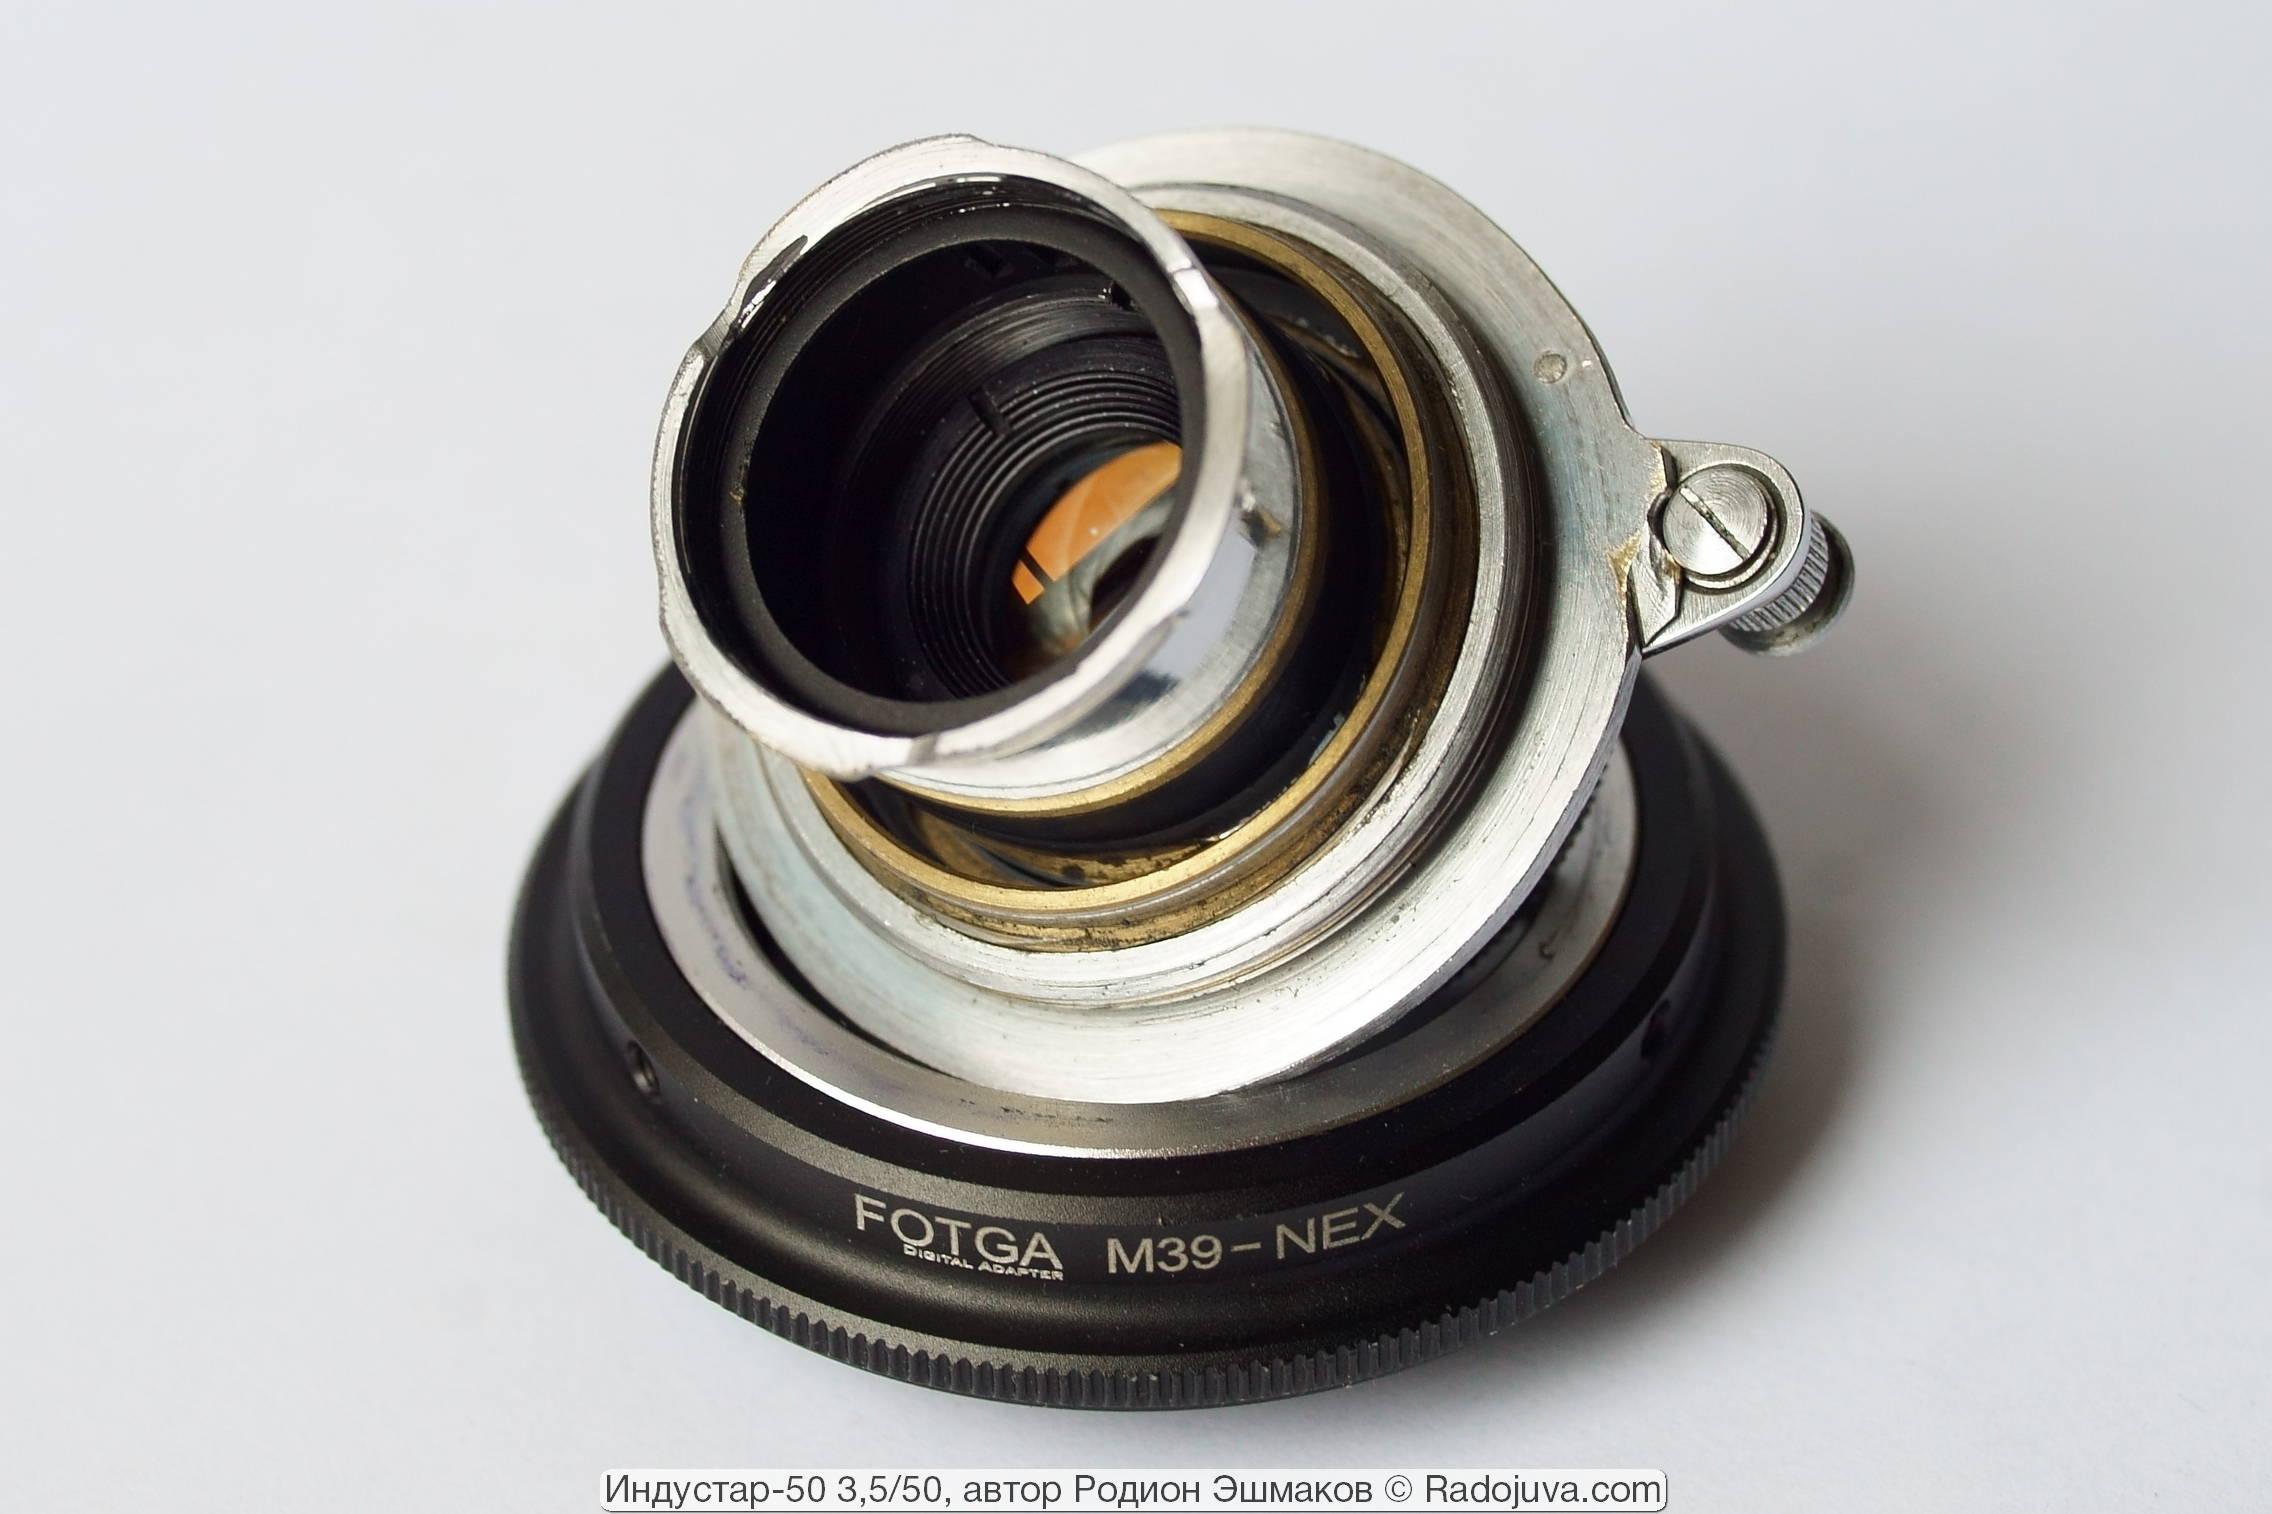 Сзади хорошо видно расстояние, на которое выдвигается вглубь камеры хвостовик объектива.